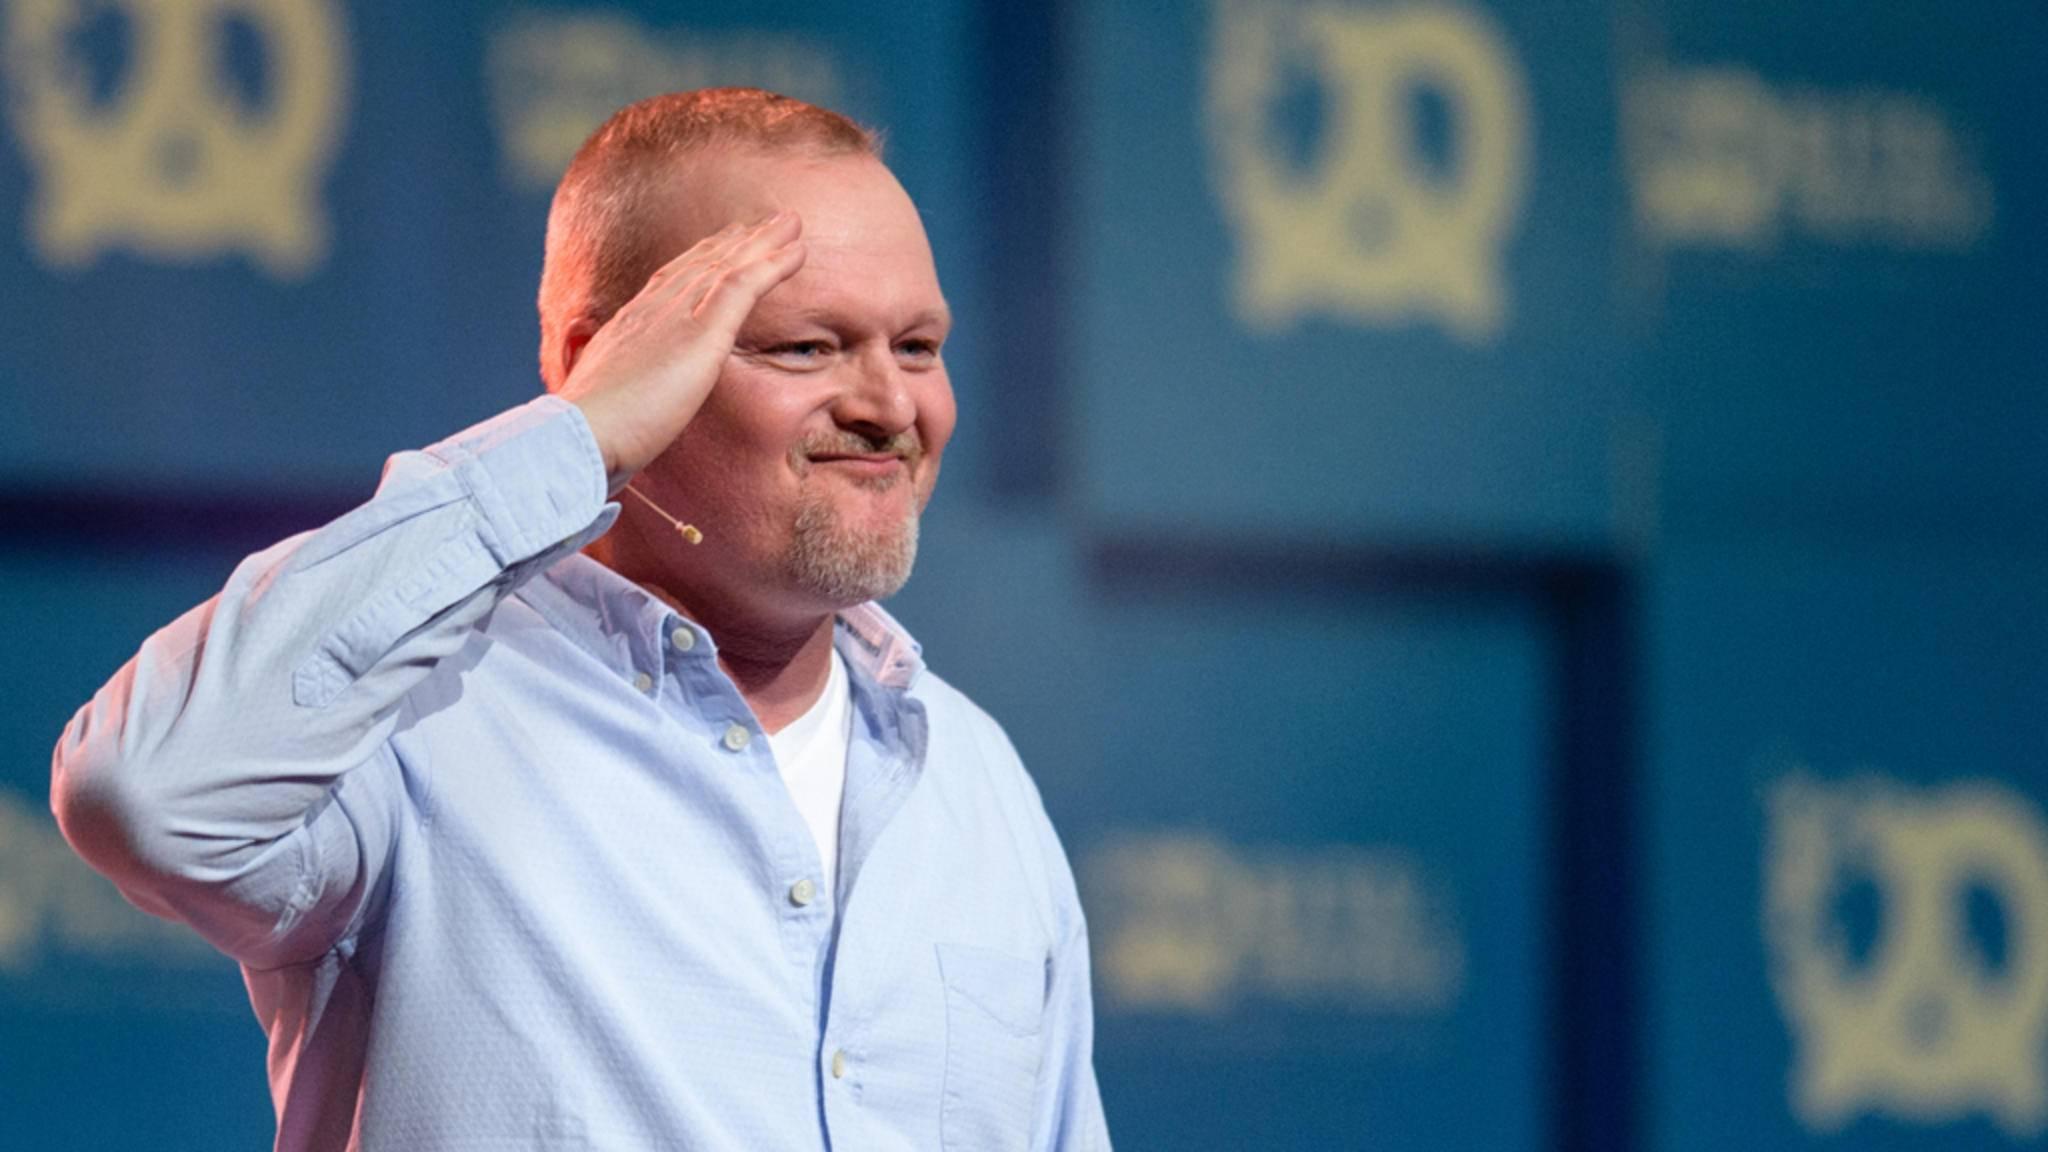 Stefan Raab meldet sich 2018 mit einem Live-Programm einmalig zurück.